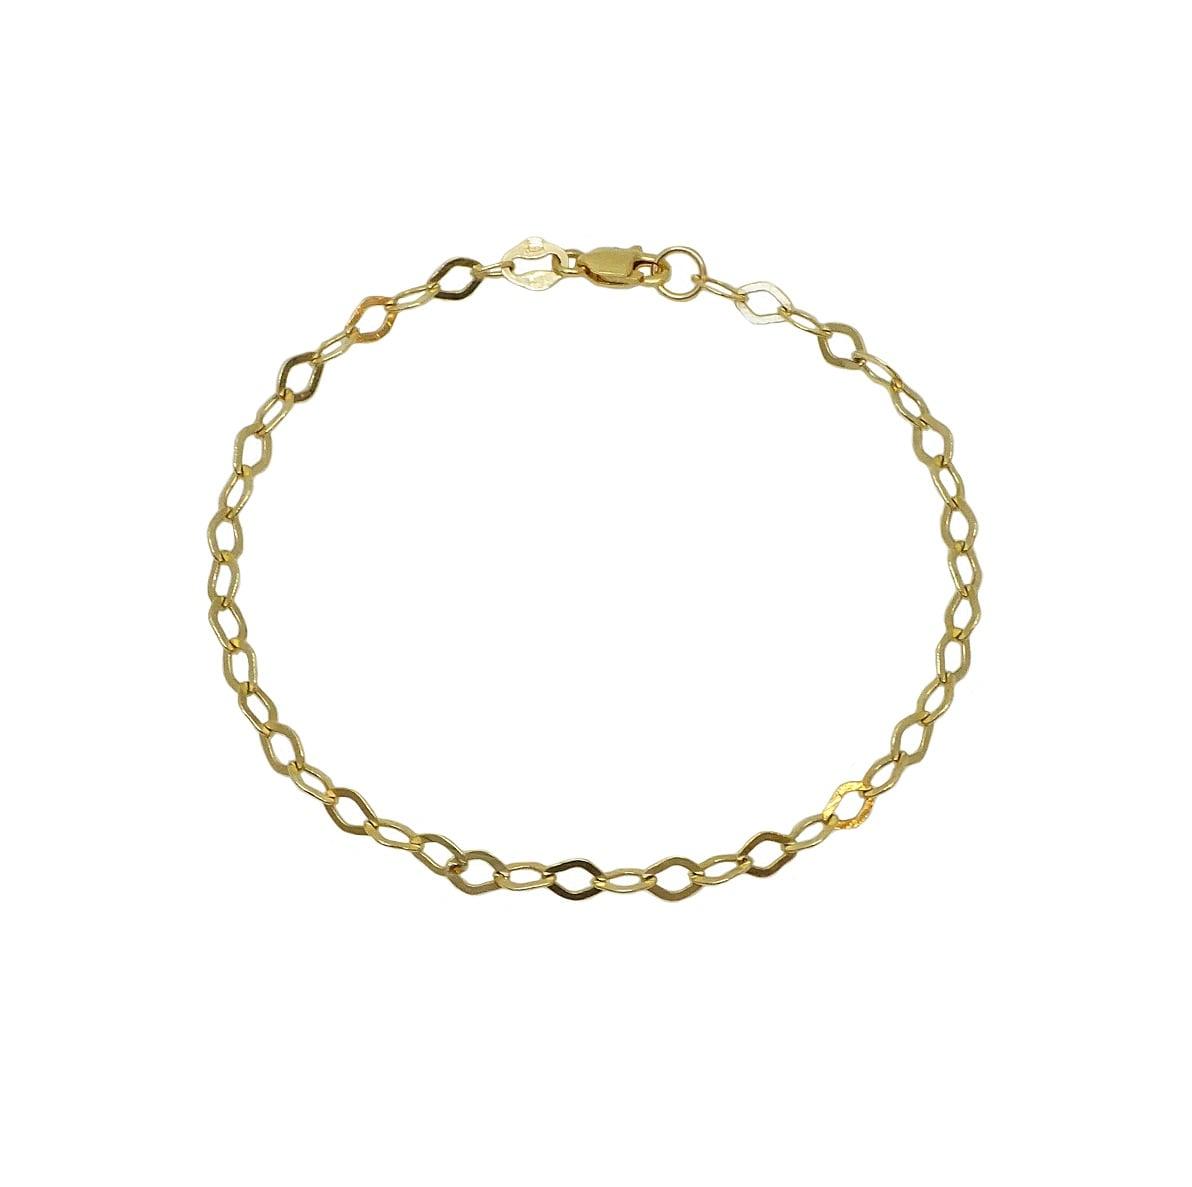 צמיד זהב חוליות לאישה צמיד עדין וקלאסי